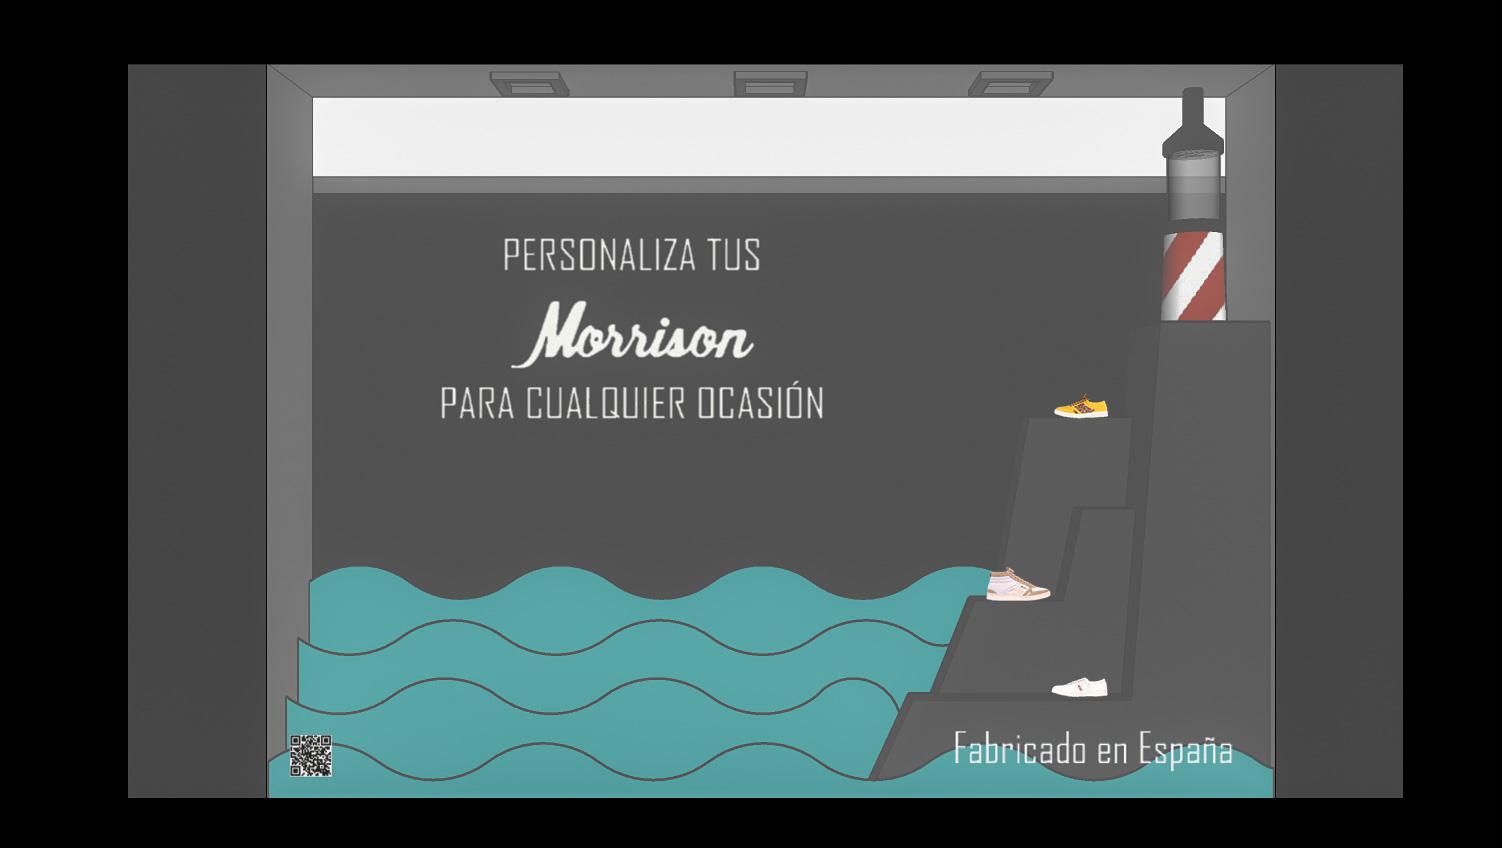 Diseño de escaparate para la marca Morrison Shoes by Esther del Castillo Hernández - Creative Work